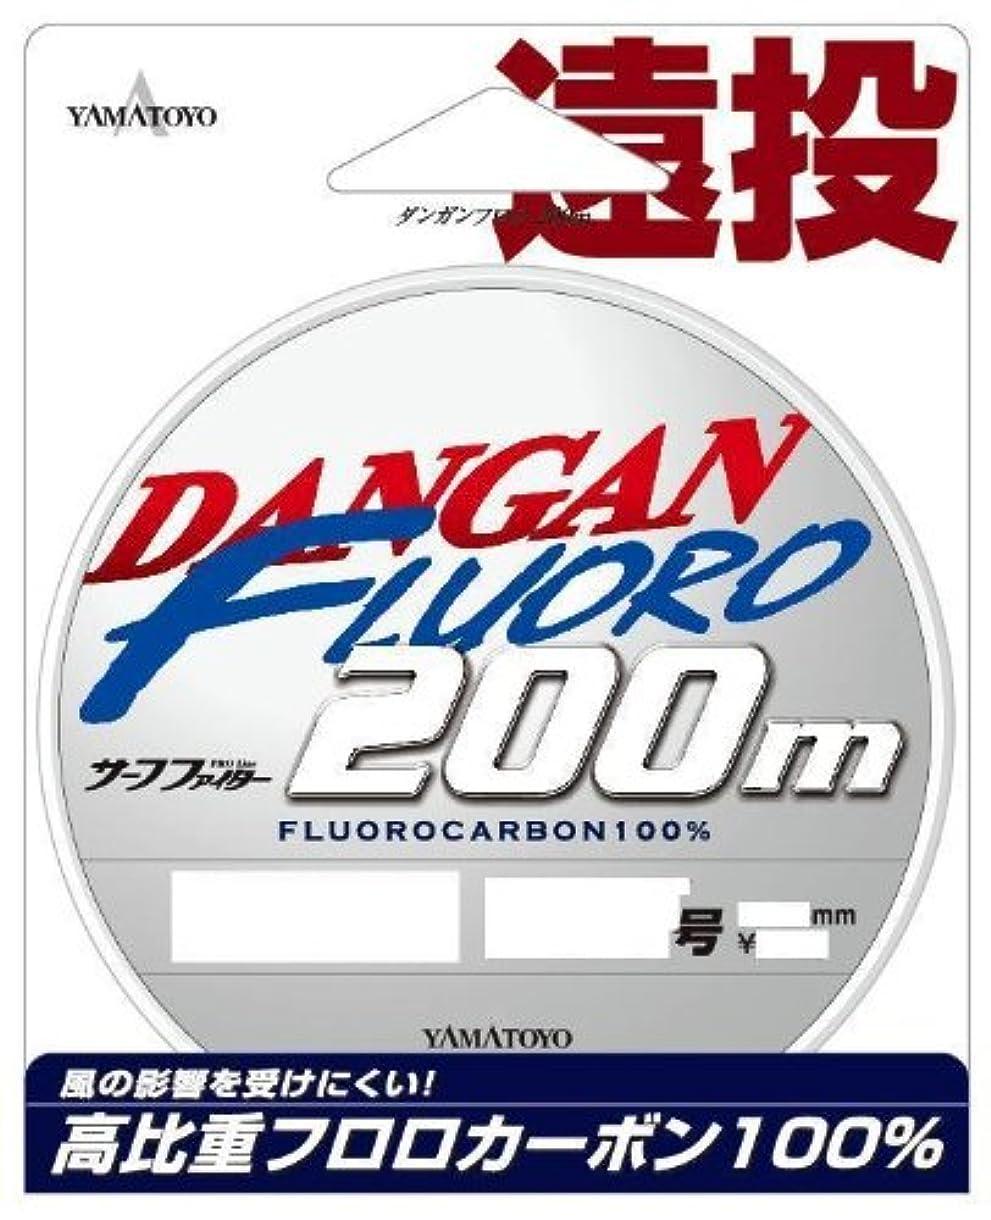 半球ワイヤー喜ぶヤマトヨテグス(YAMATOYO) ライン NEWダンガンフロロ 200m